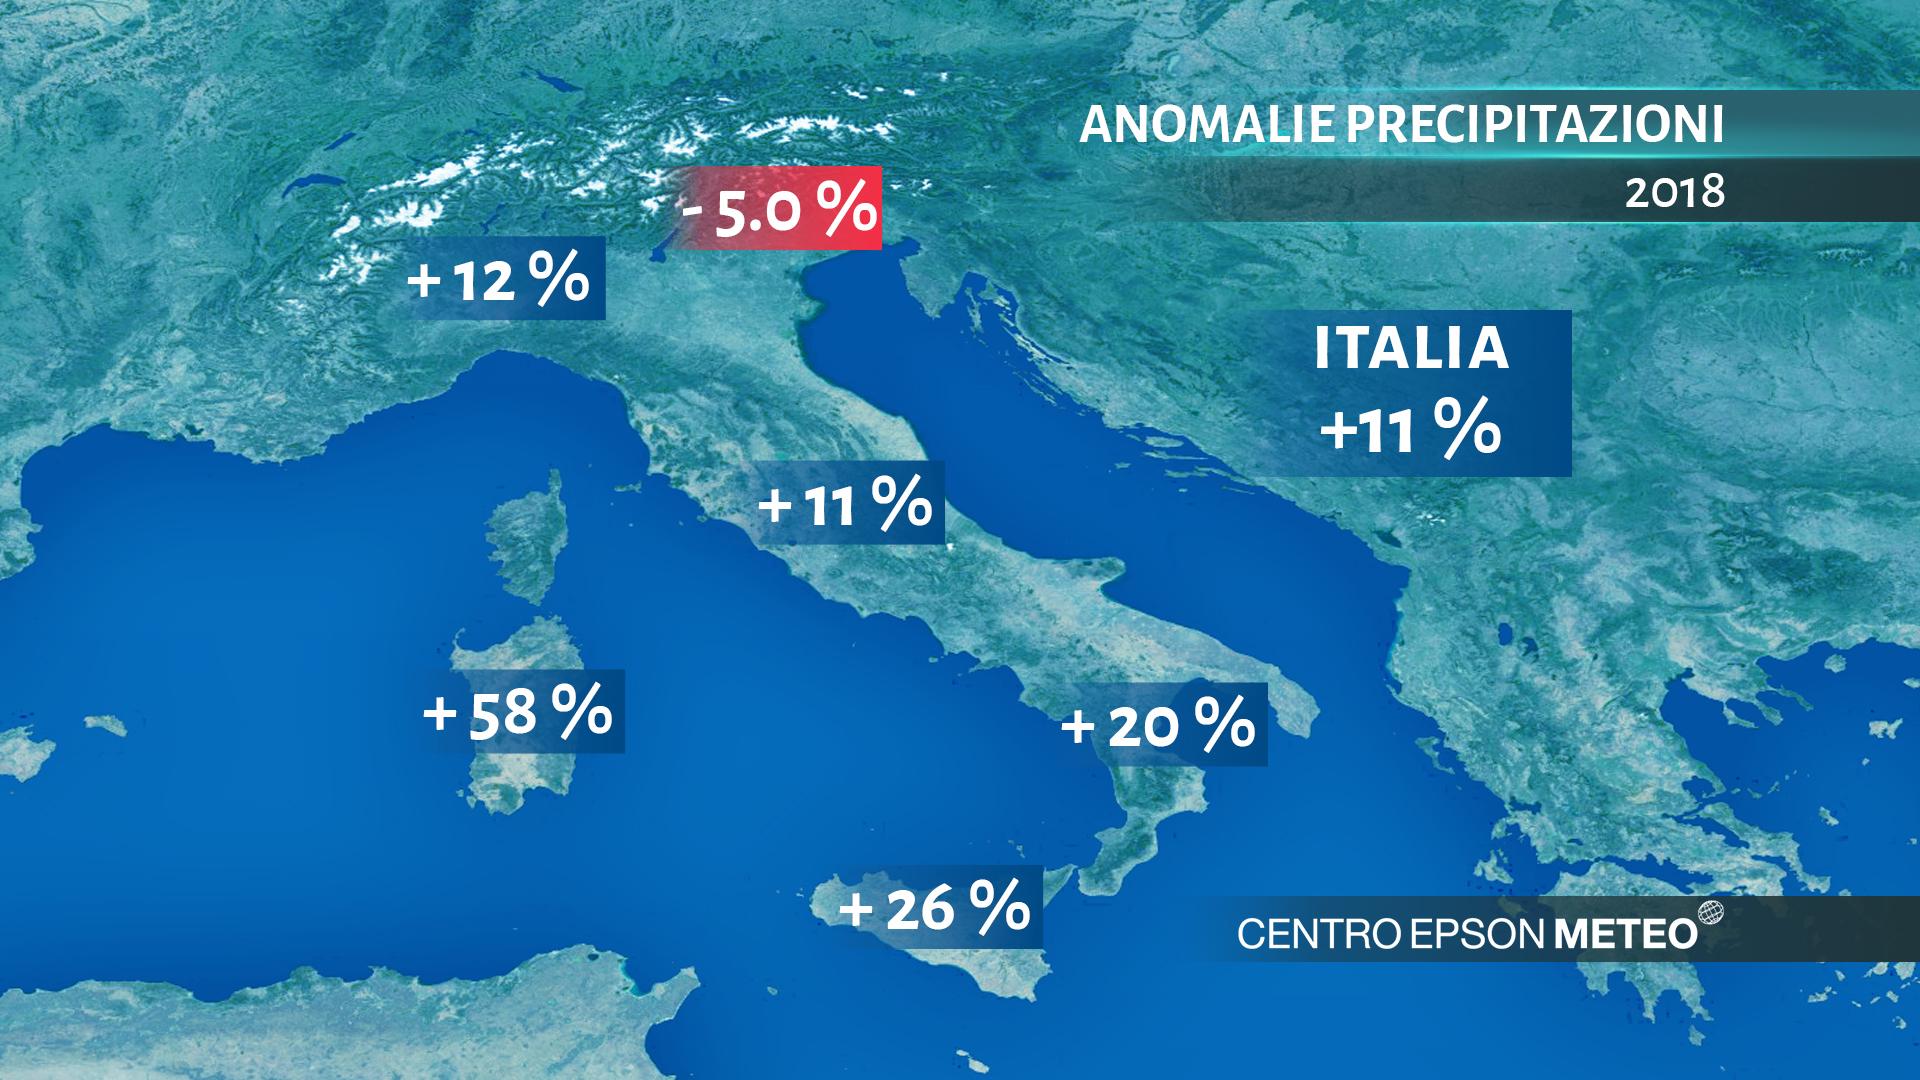 In italia settembre 2018 è stato il terzo più caldo degli ultimi 60 anni. Le anomalie delle precipitazioni nel 2018